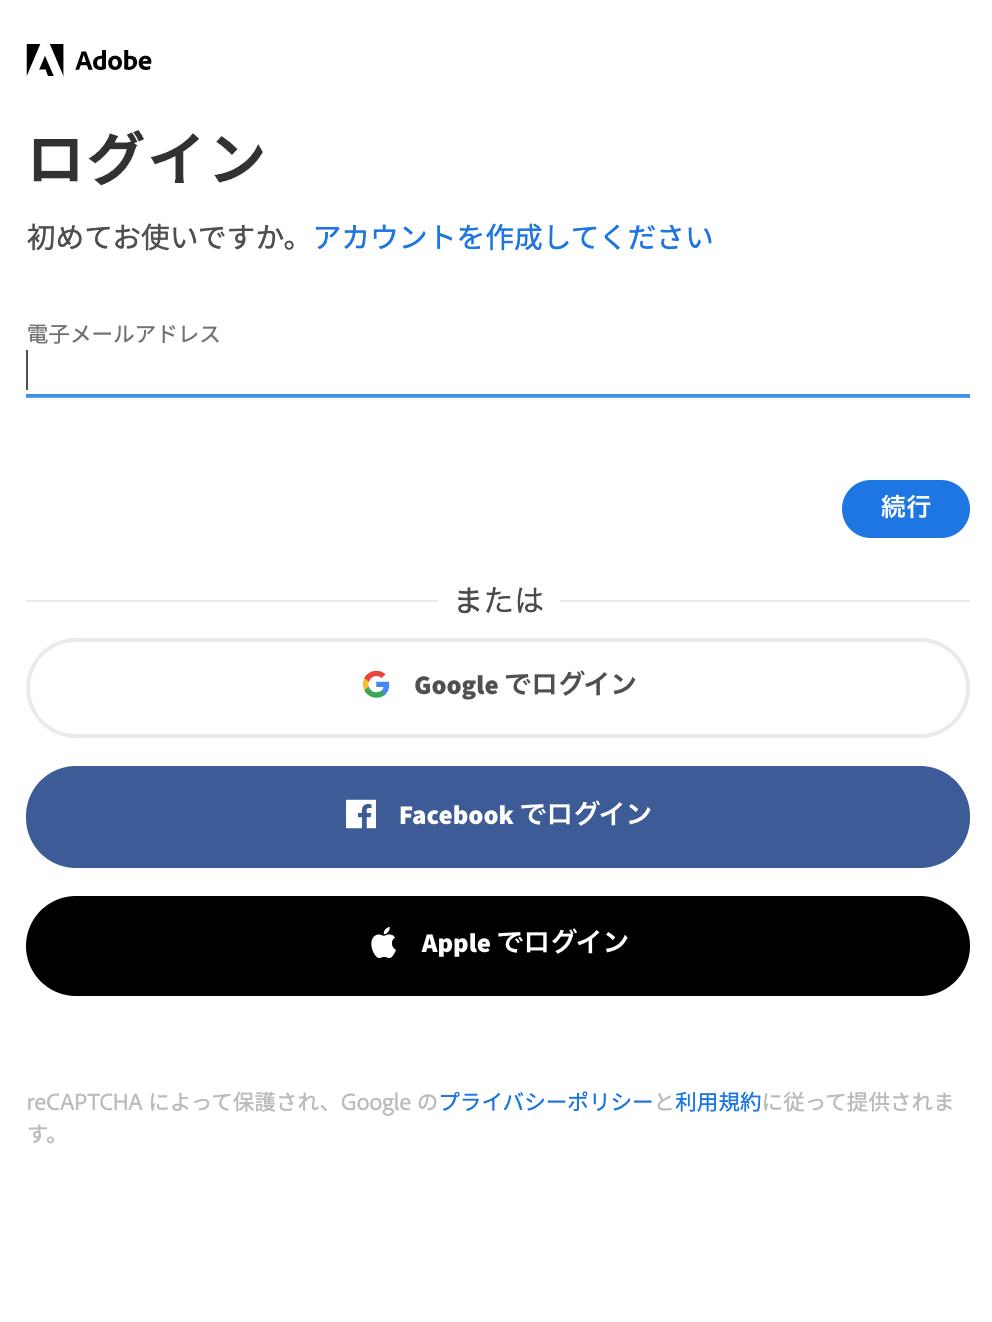 Screenshot 2020 08 19 at 14.27.57